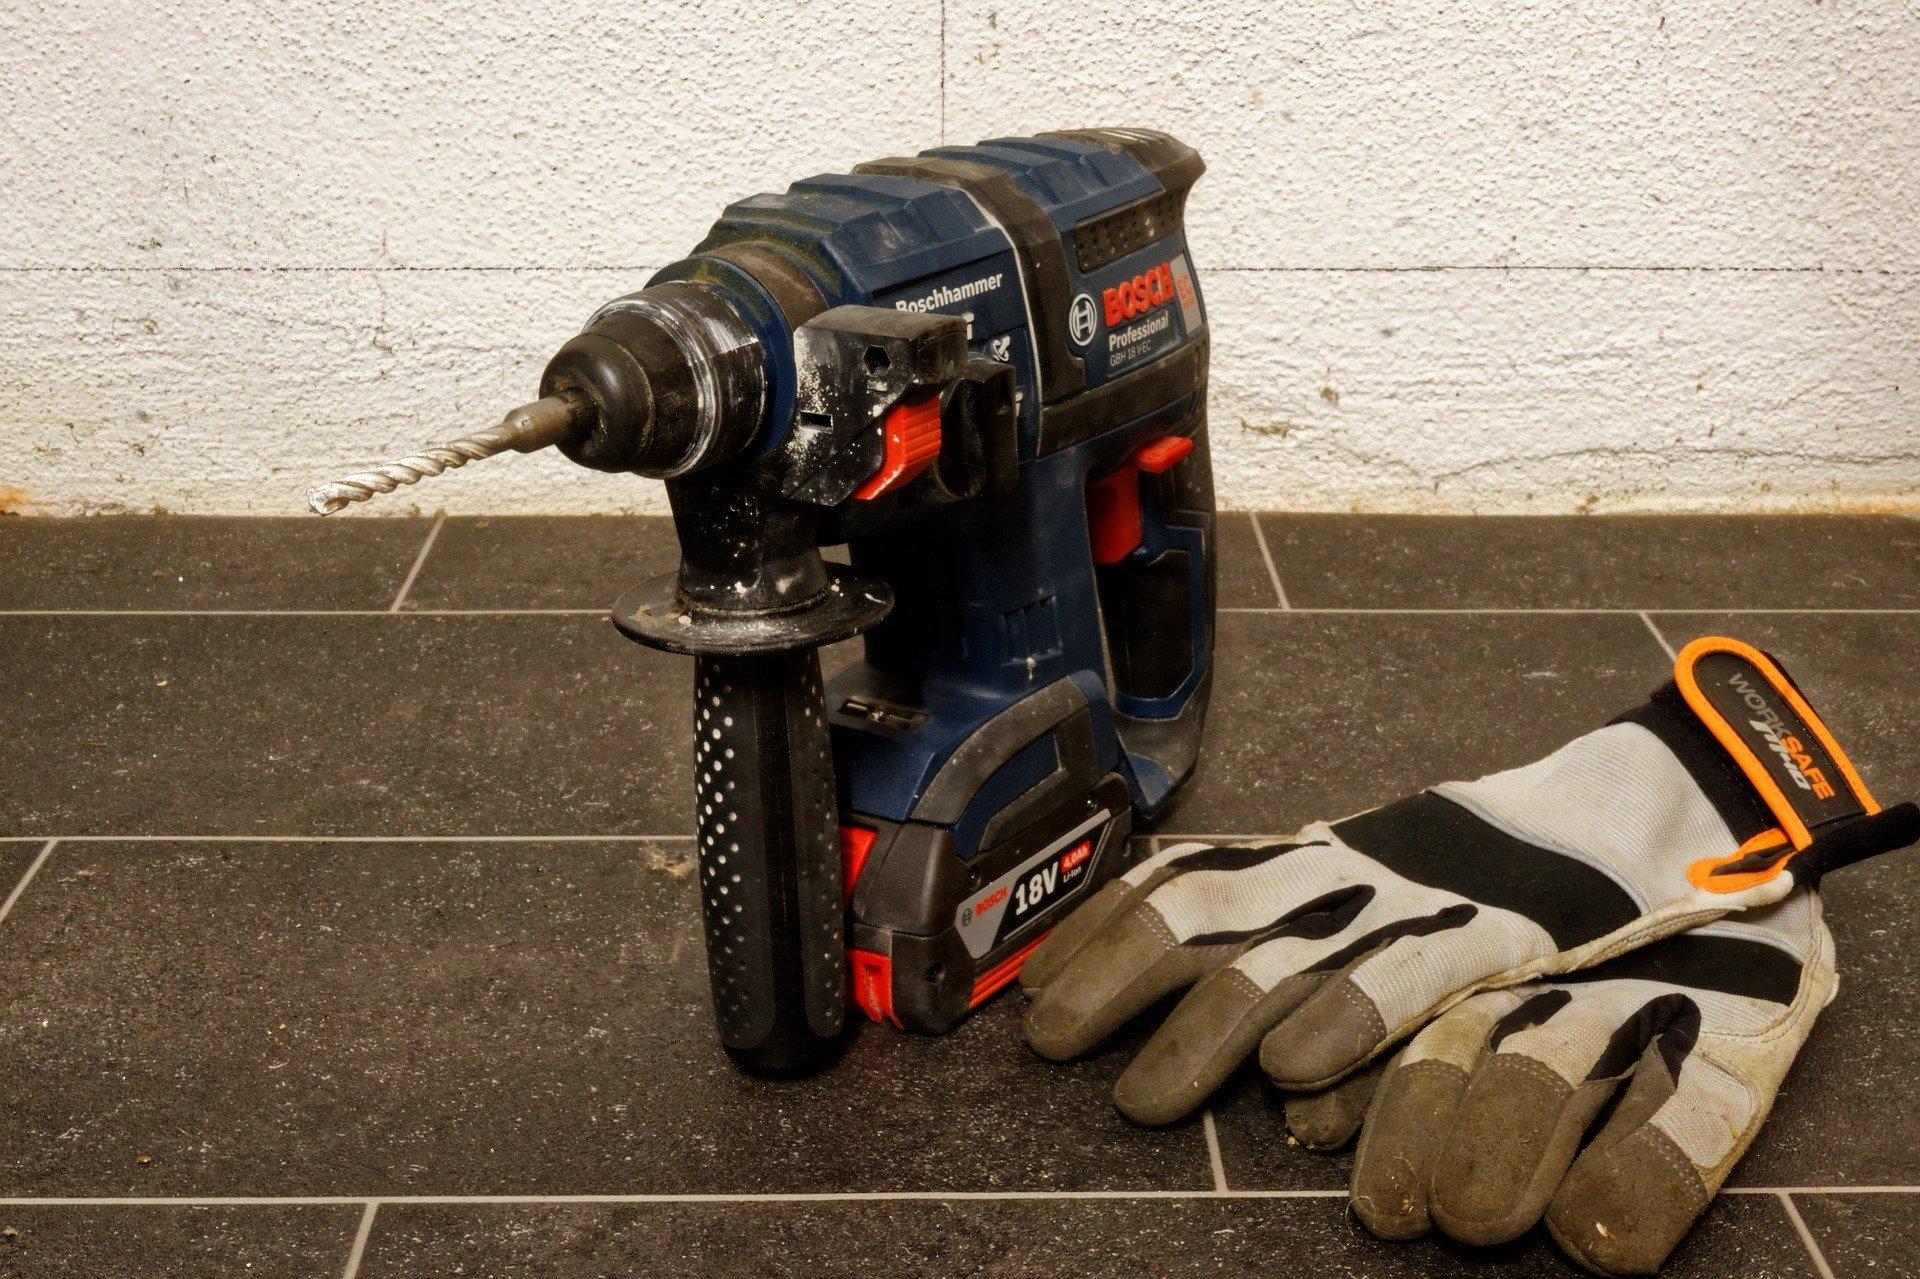 Imagem mostra uma furadeira de impacto Bosch ao lado de um par de luvas.